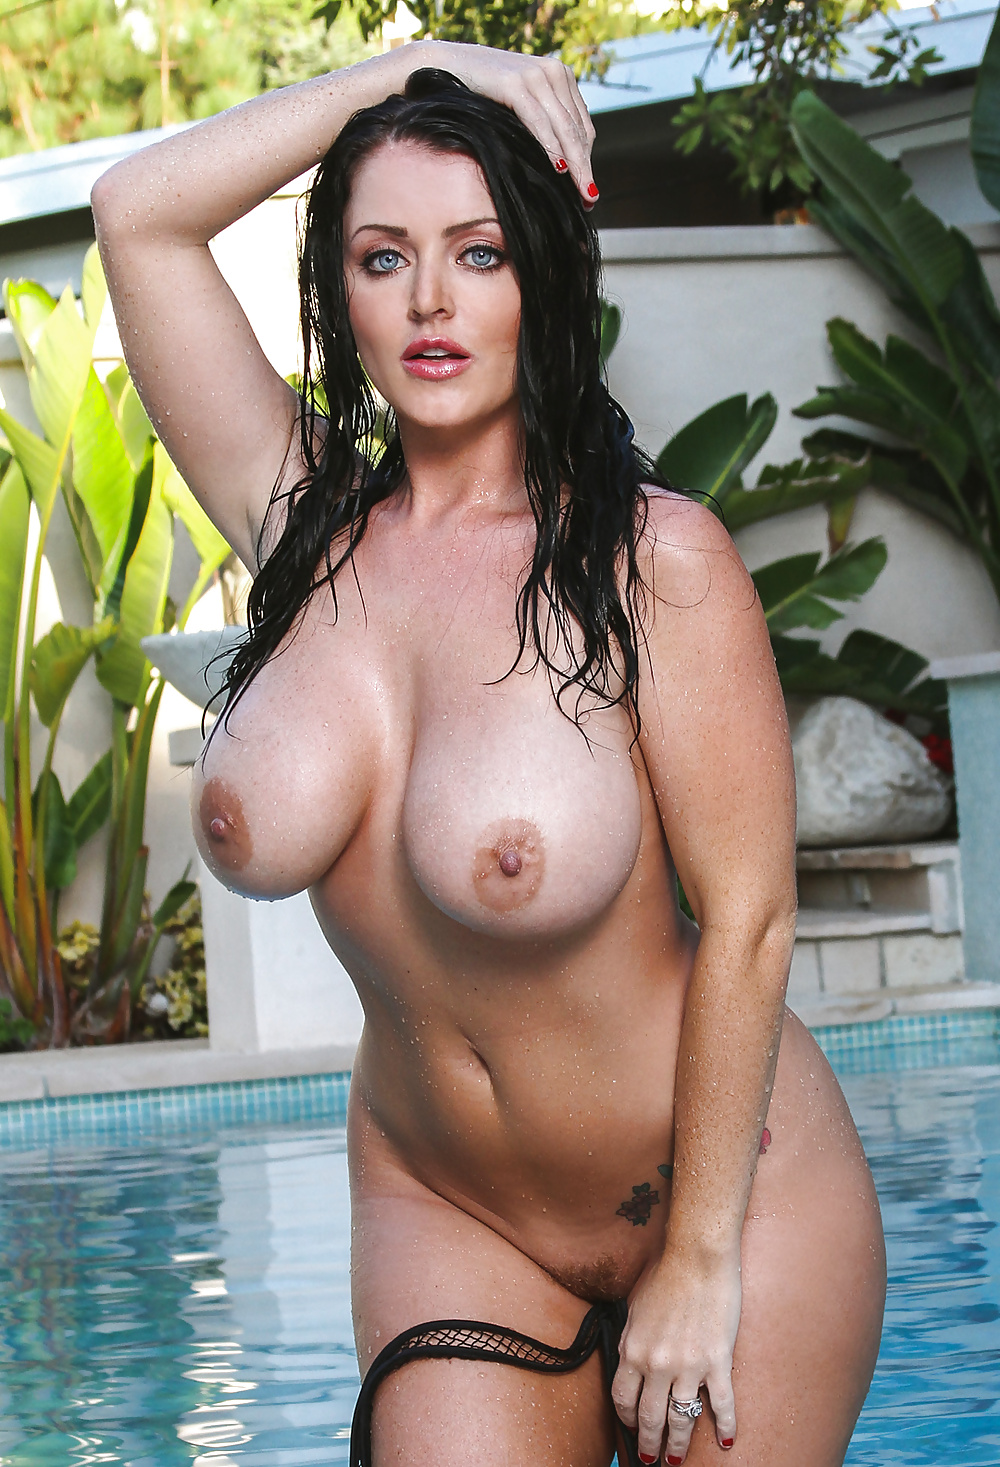 sophie-dee-hot-naked-girl-gets-destroyed-sex